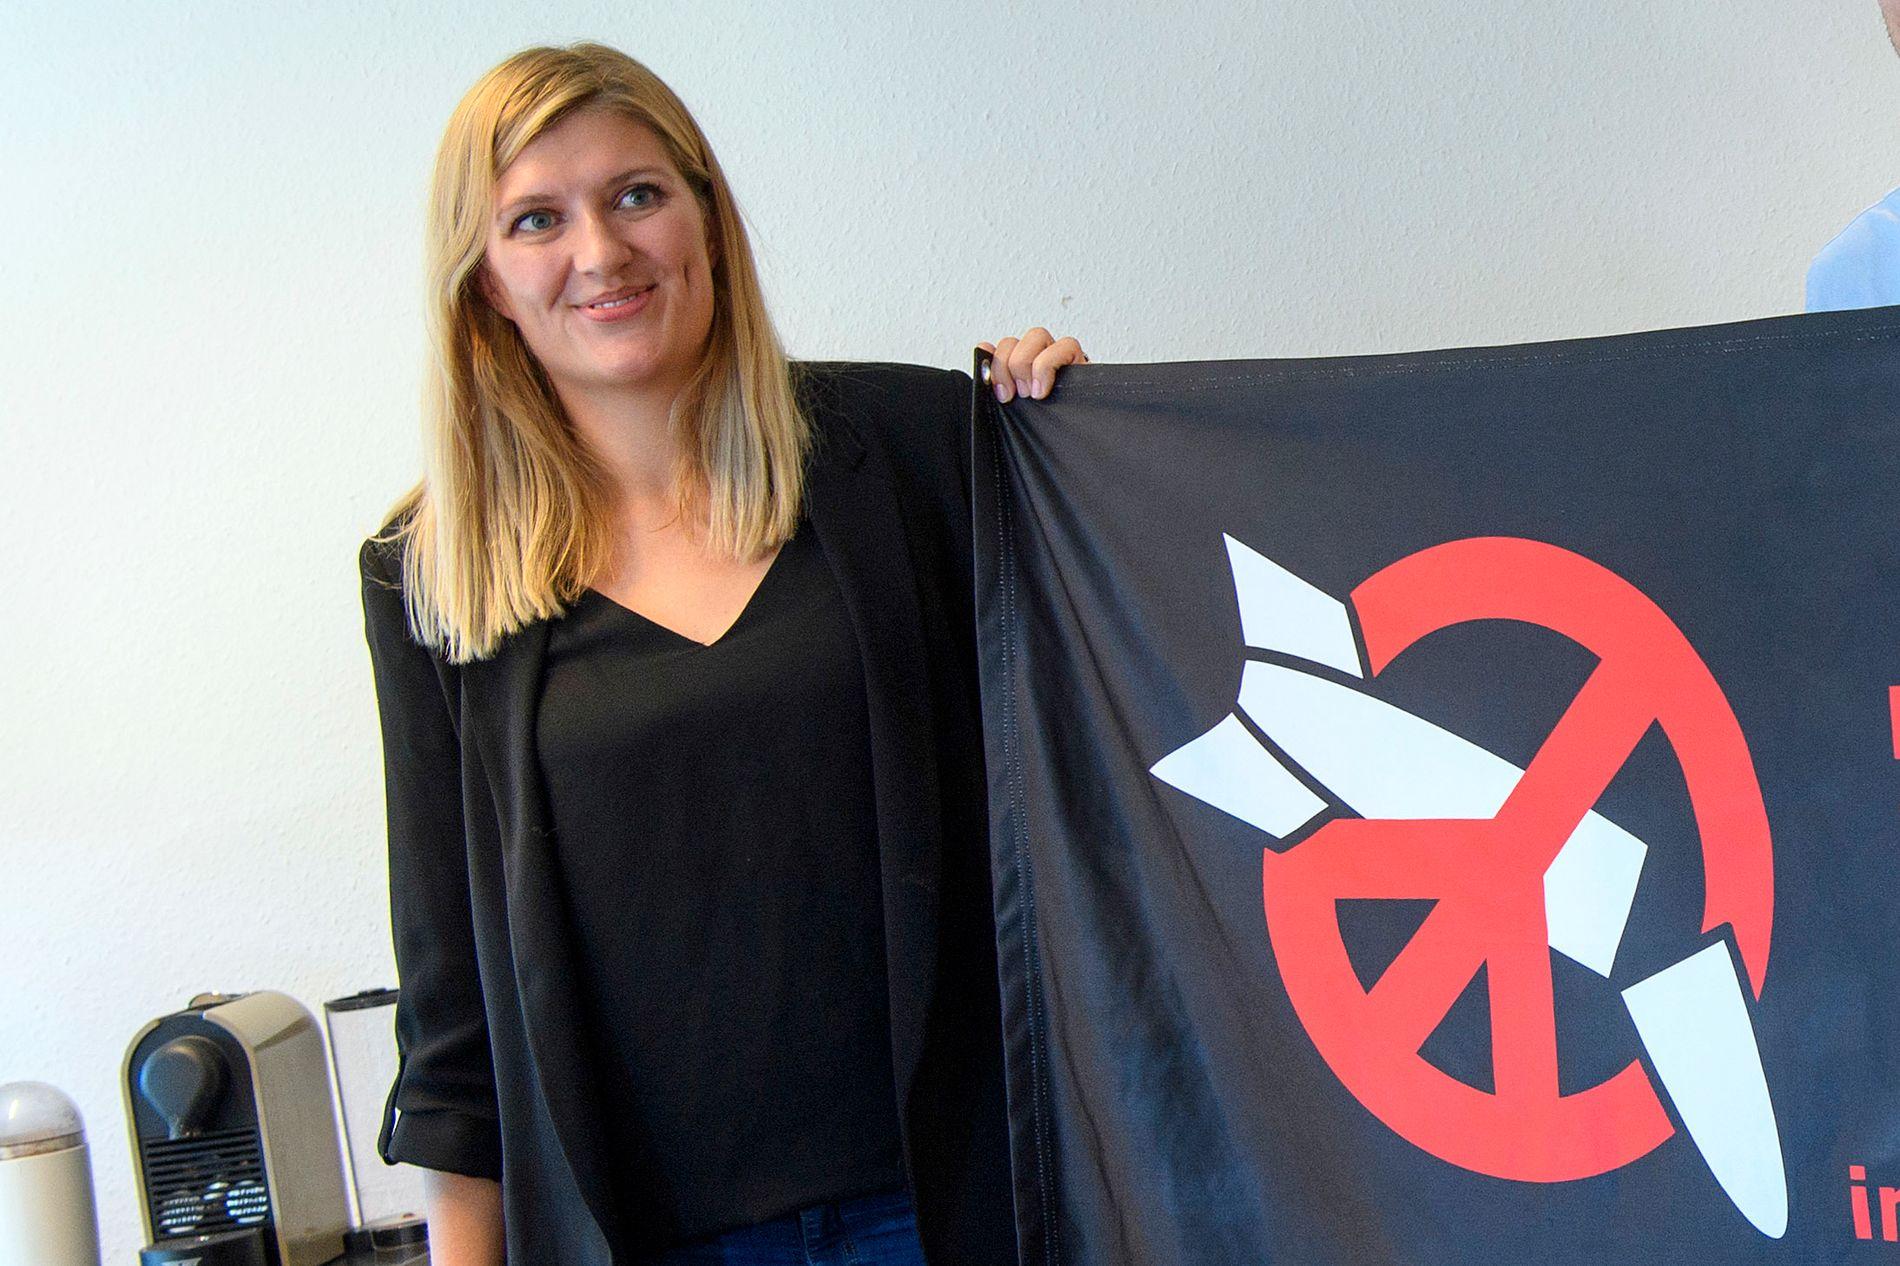 VINNER: ICAN–Den internasjonale kampanjen for forbud mot atomvåpen, her ved direktør Beatrice Fihn, er årets vinner av Nobels fredspris 2017.